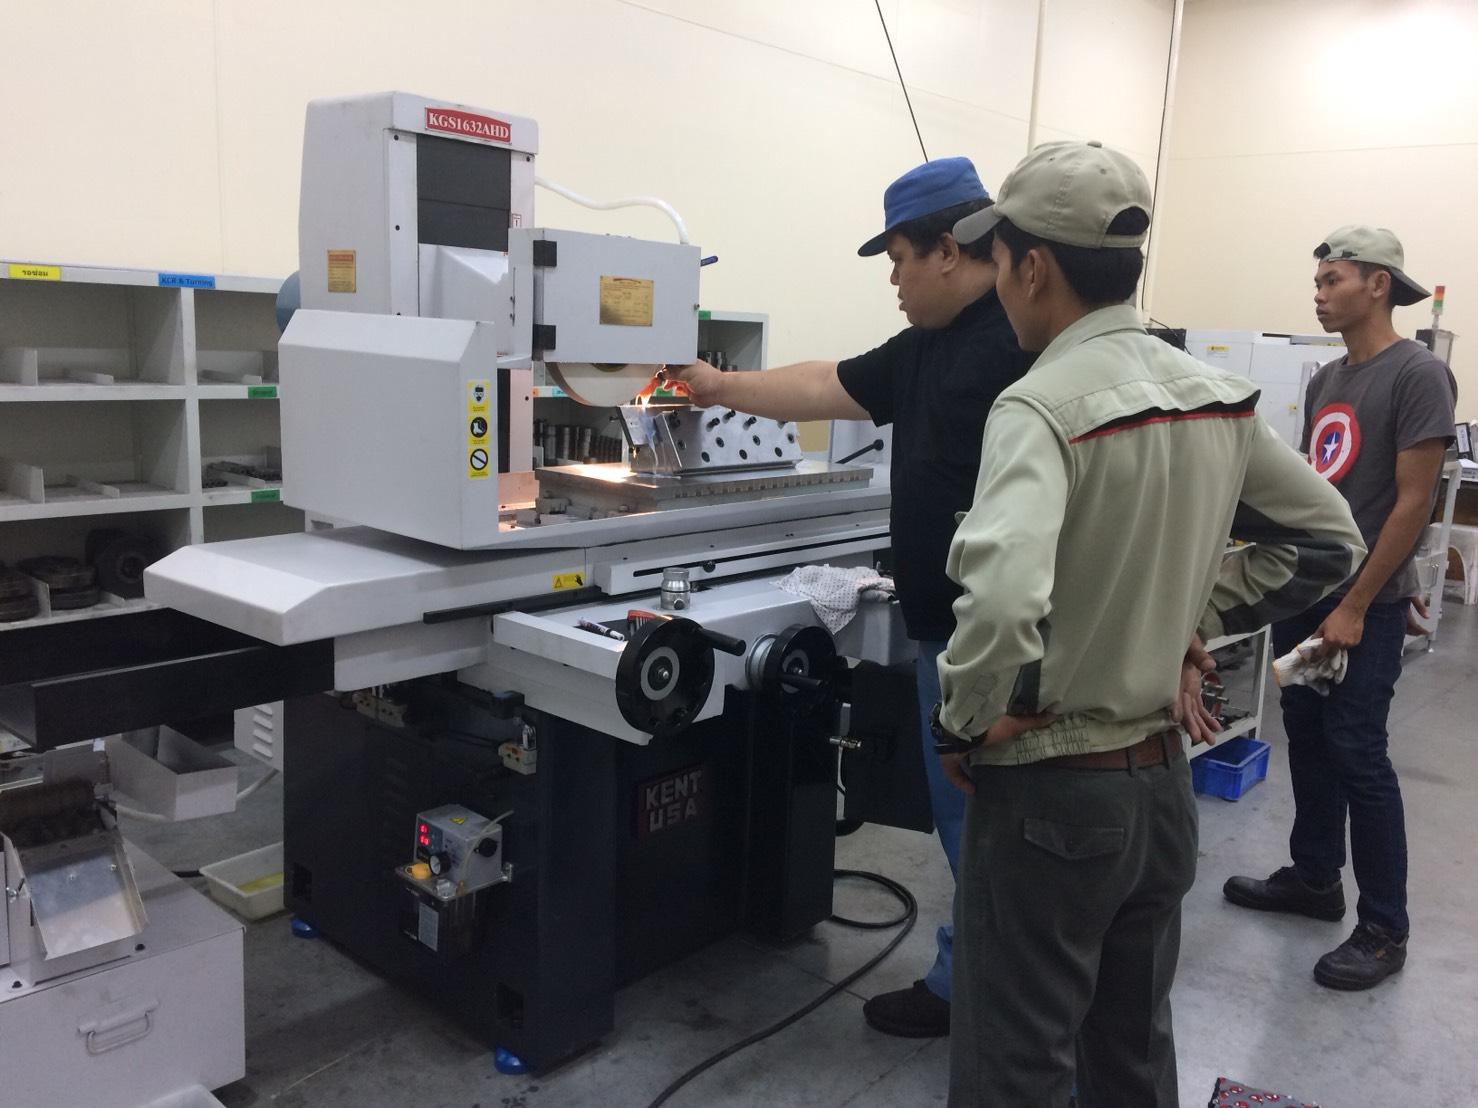 งานติดตั้งและเทรนนิ่ง เครื่องเจียราบ KENT KGS 1632AHD ให้กับลูกค้าลูกค้าโรงงานญี่ปุ่นขนาดใหญ่ชั้นนำของประเทศ 24/8/61